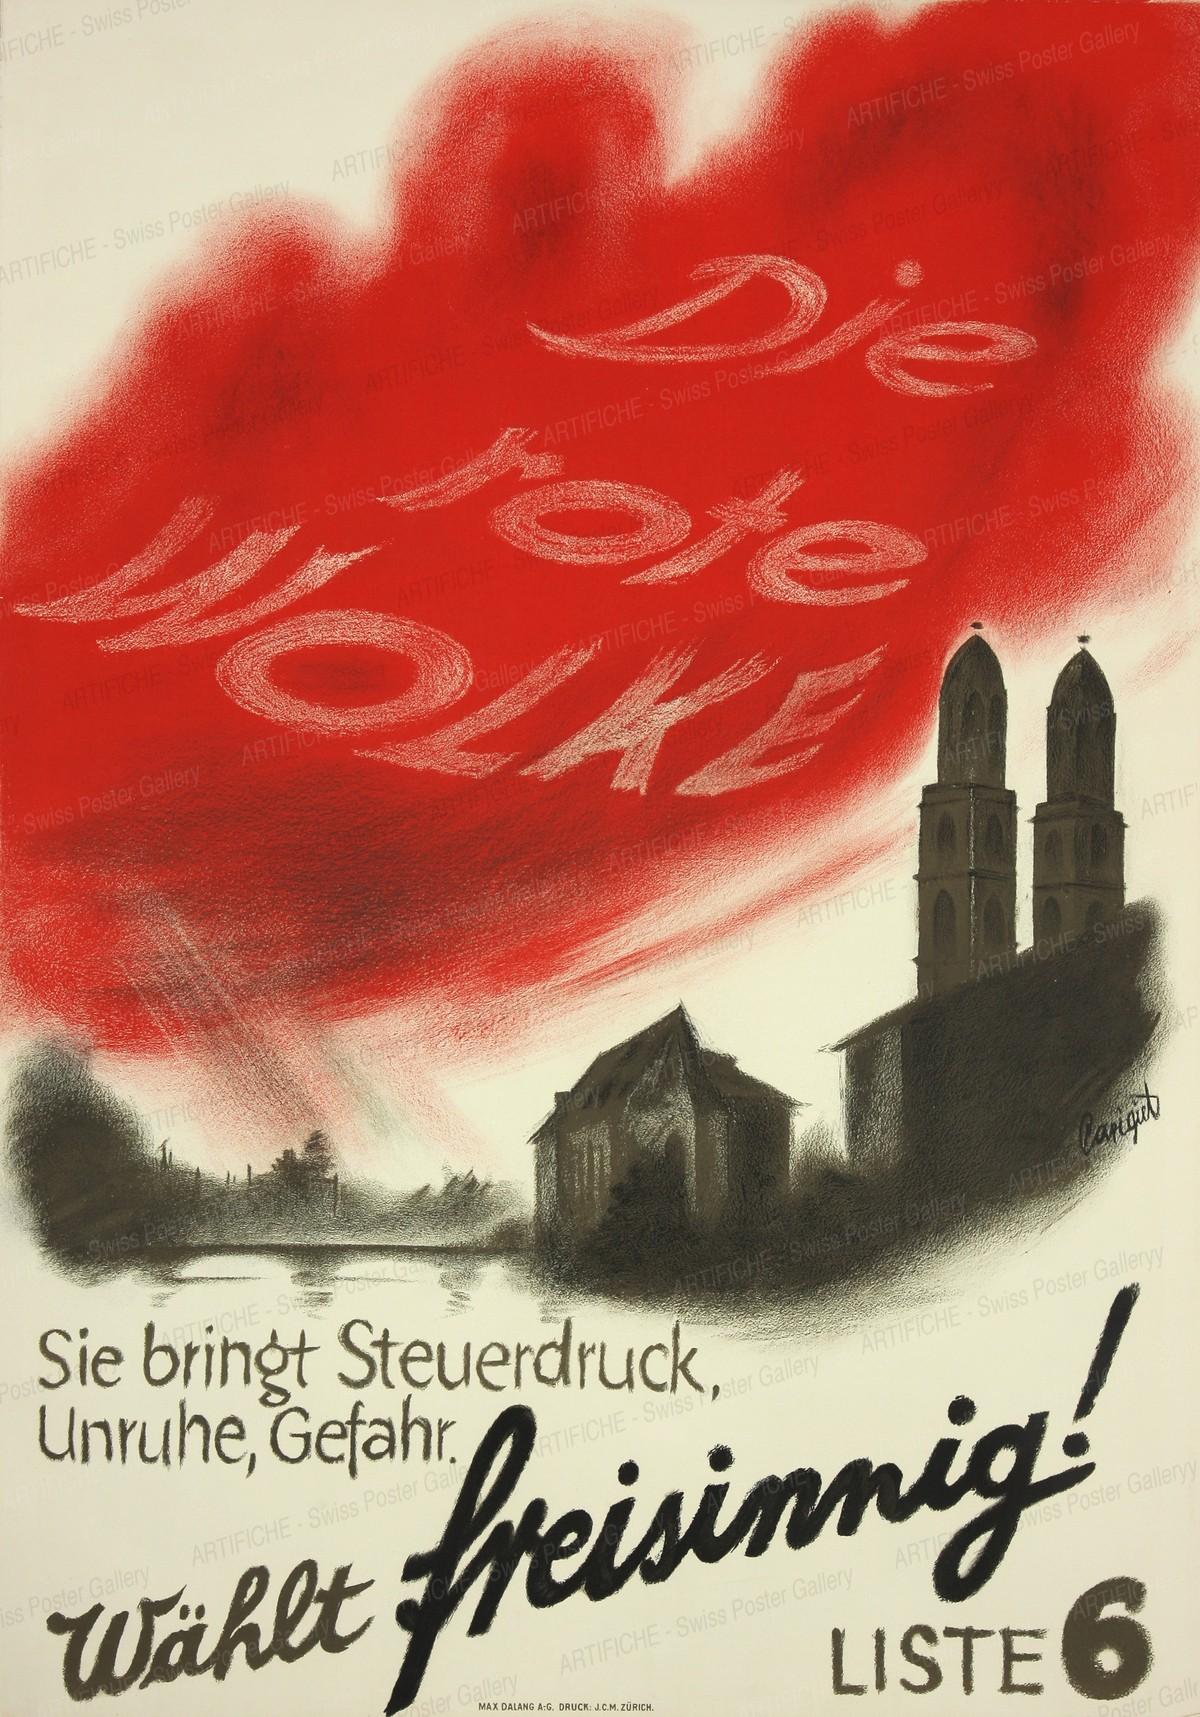 Die rote Wolke – wählt freisinnig!, Alois Carigiet